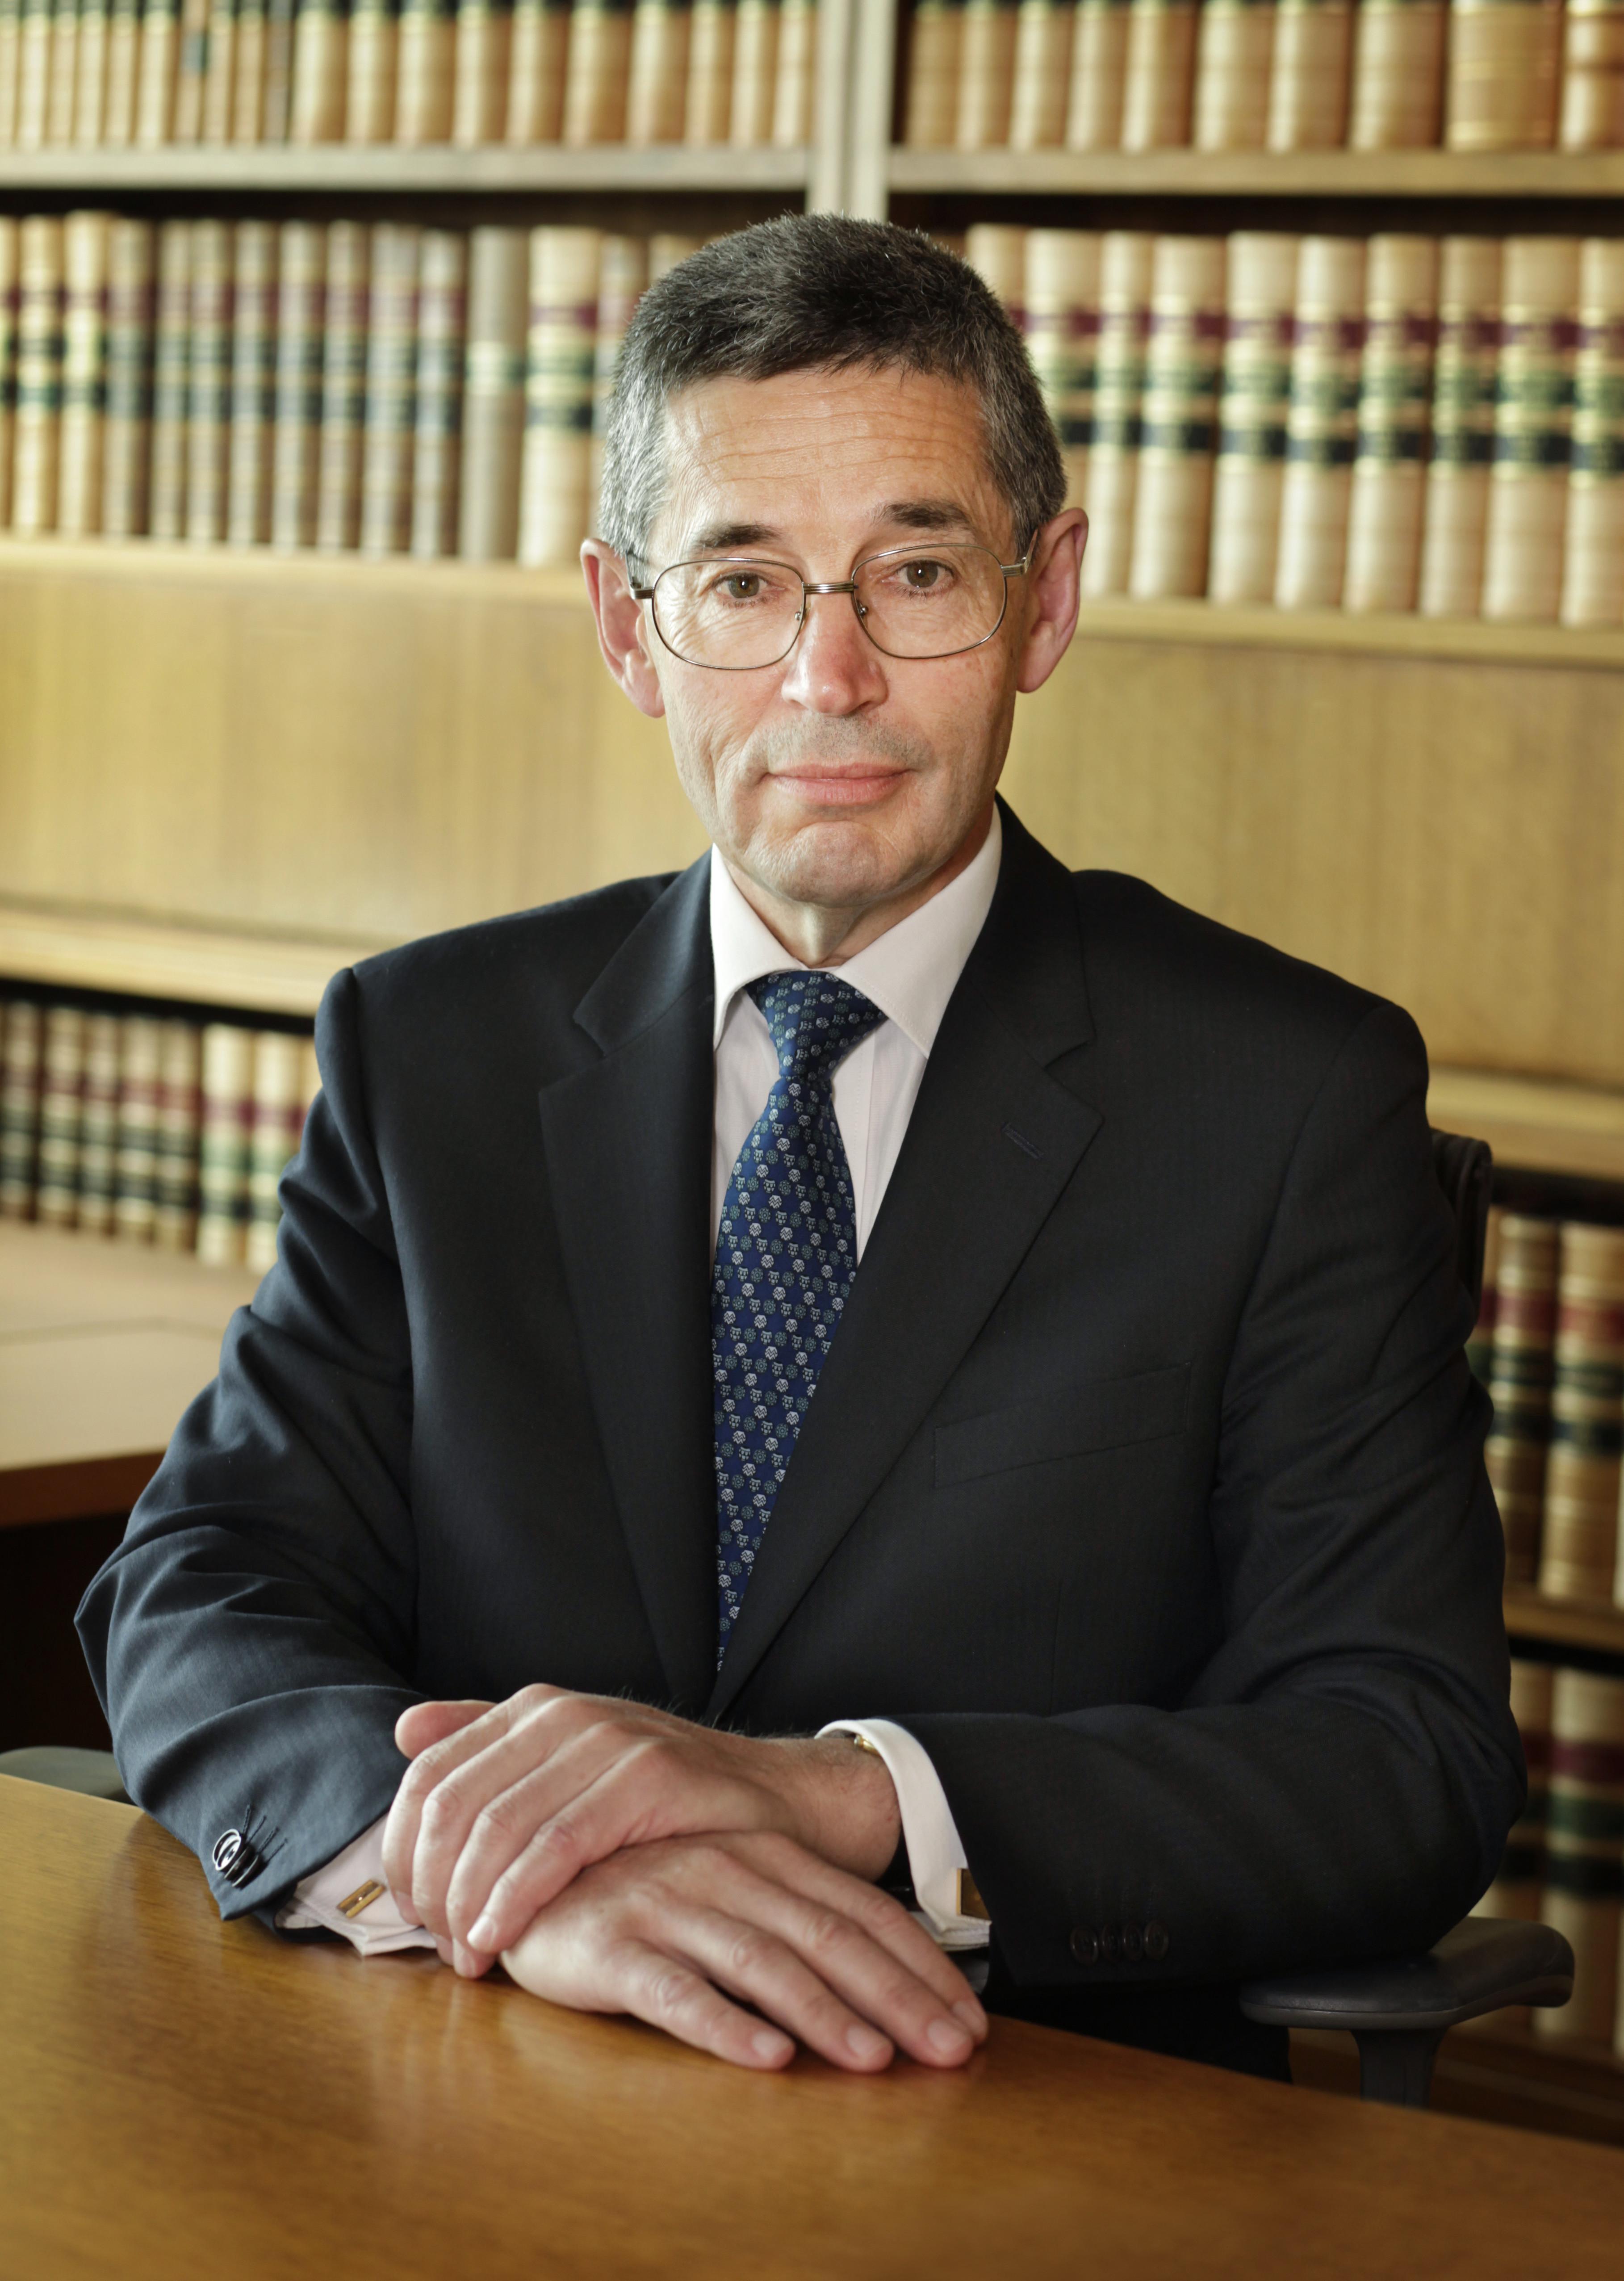 The Honourable Geoffrey Nettle